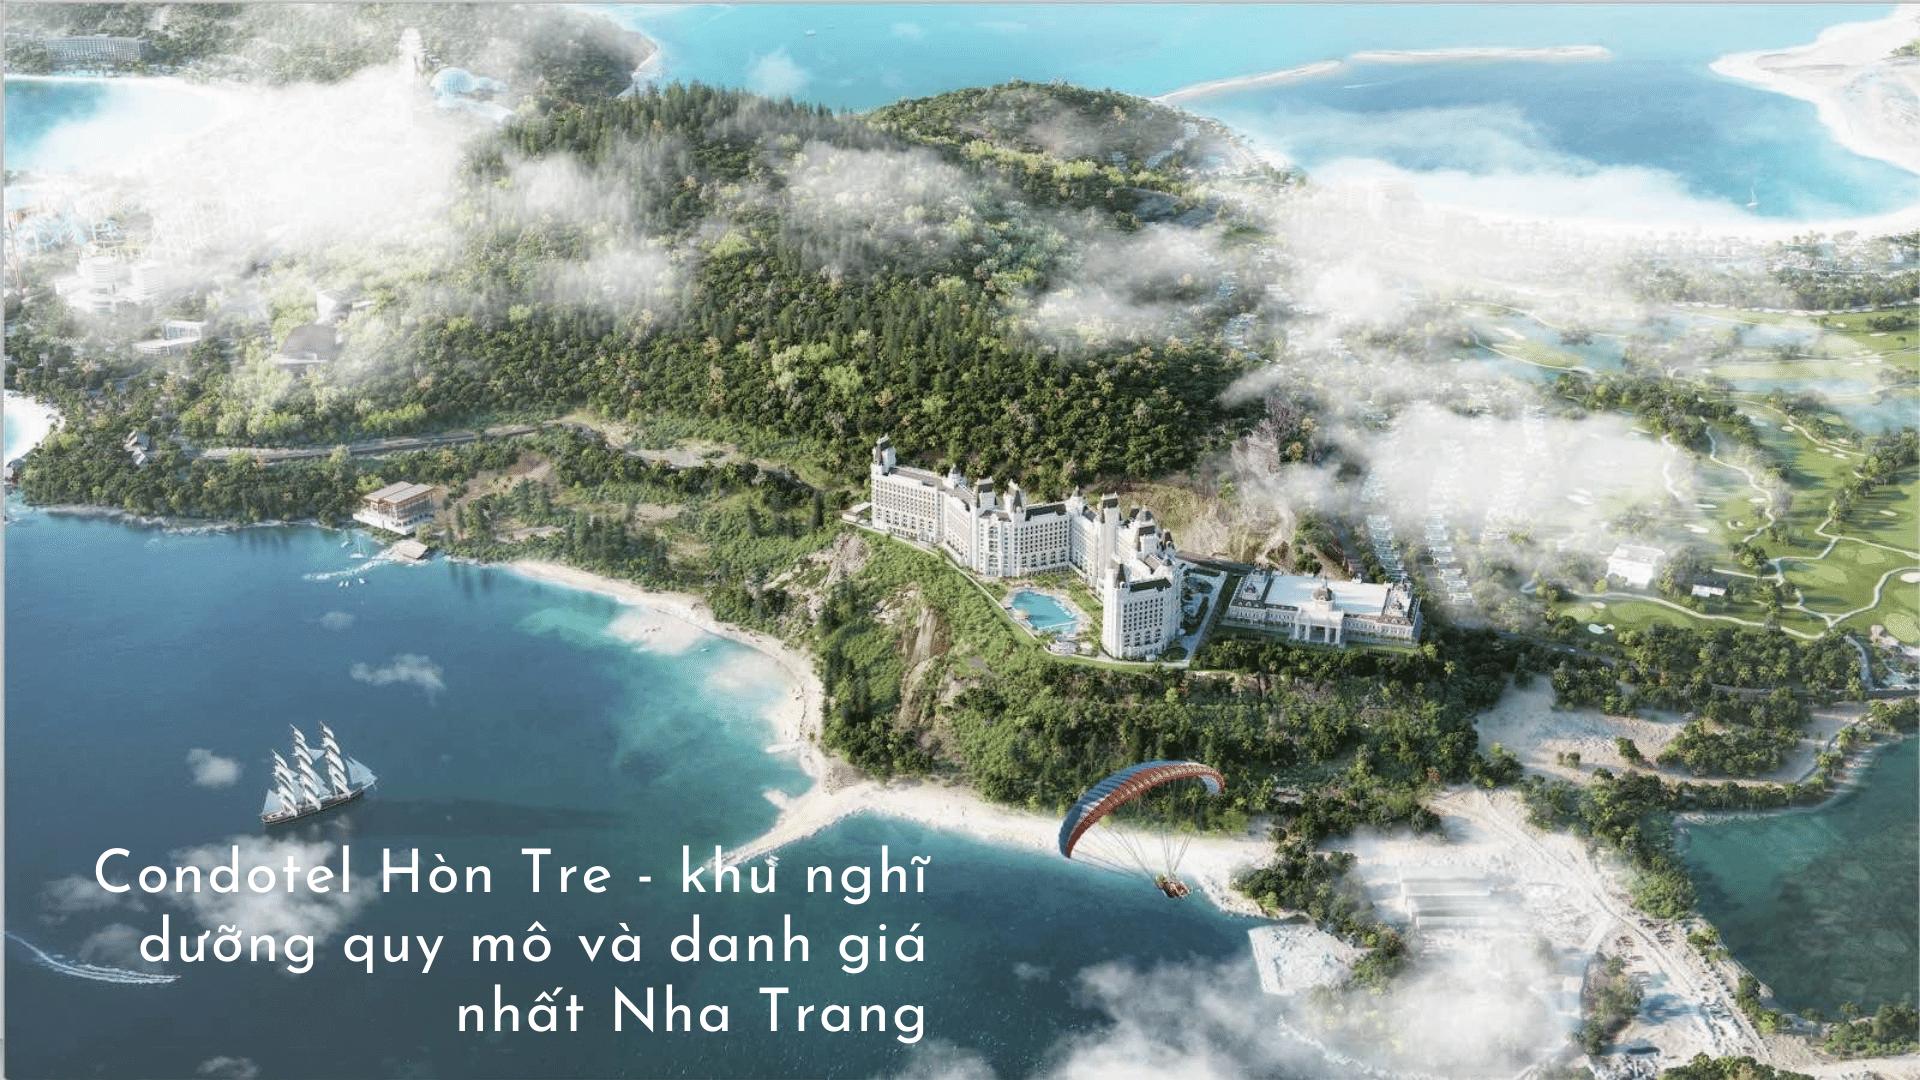 Condotel Hòn Tre khu nghỉ dưỡng quy mô và danh giá nhất Nha Trang